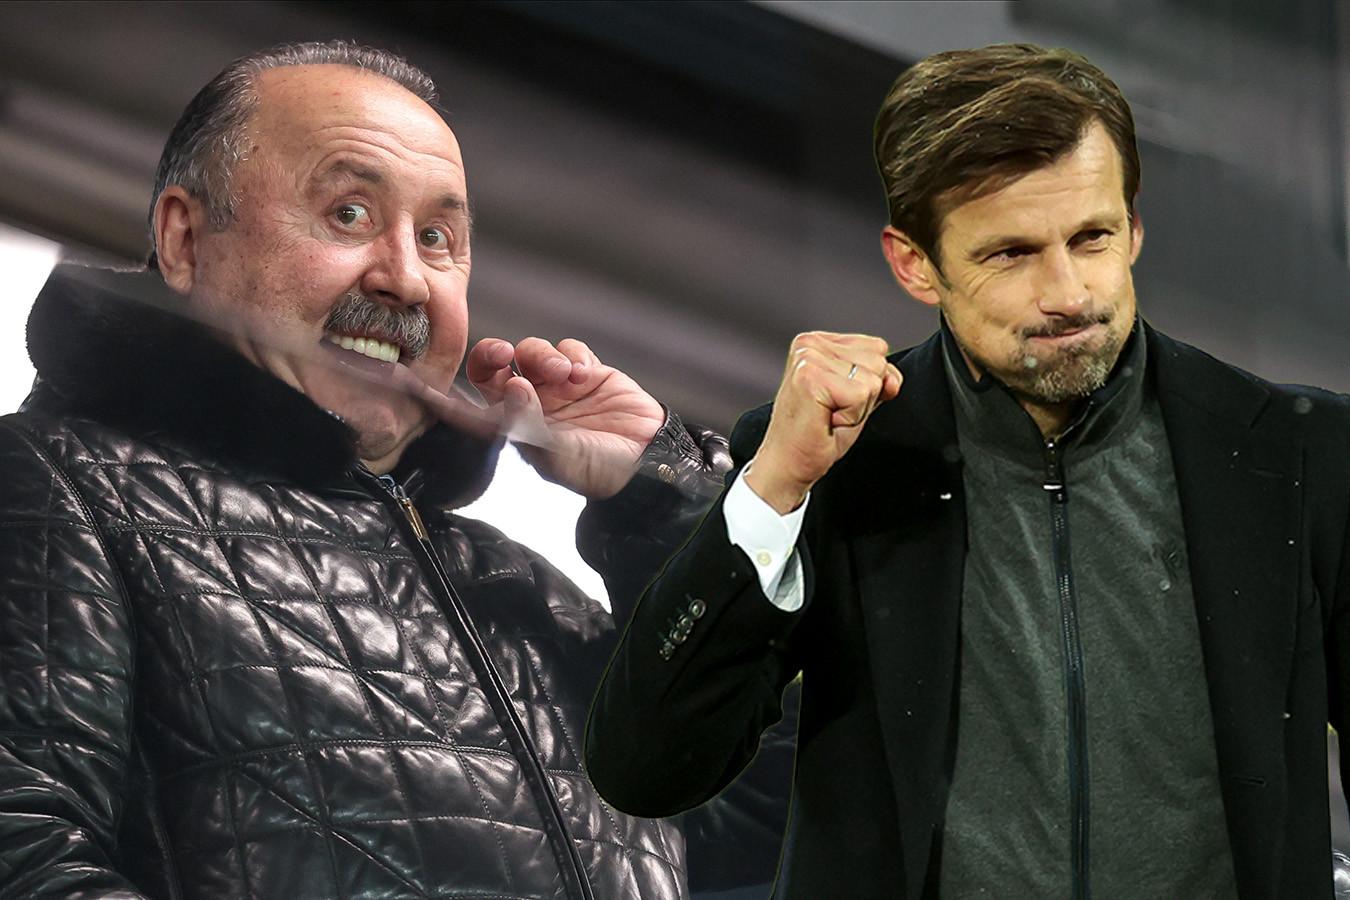 Газзаев изображал «доктора зло», Оздоев дразнил фанатов ЦСКА. Фото победы «Зенита»